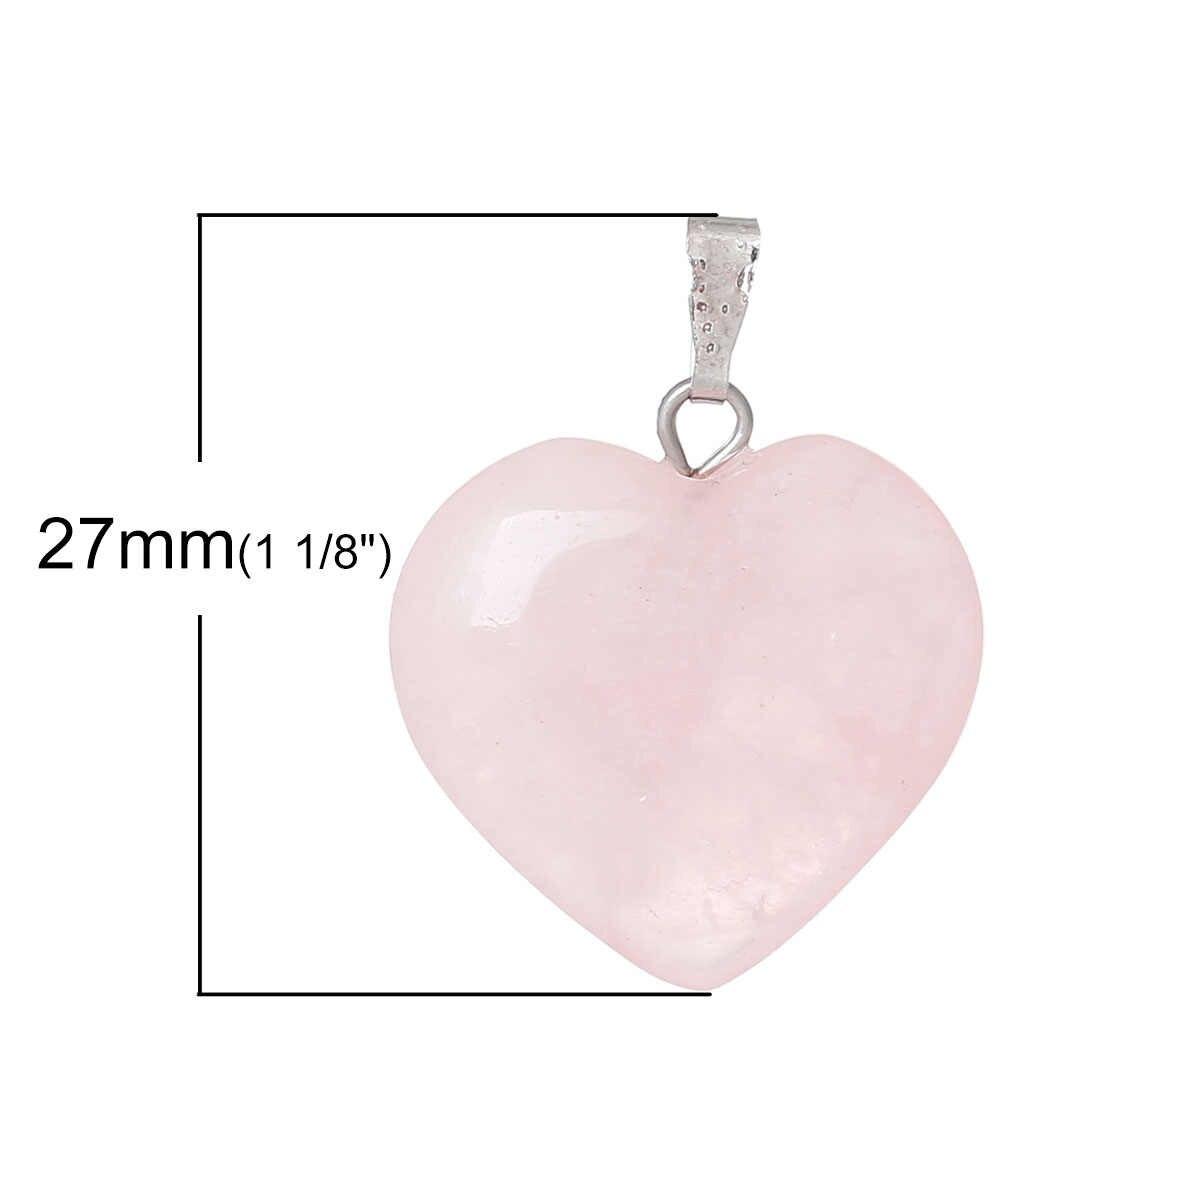 Doreenbeads Hot moda kobiety (klasa B) utworzono Rose Gem Stone Charm wisiorki serce różowy biżuteria prezent 27x21mm, otwór: 6x2mm 1PC